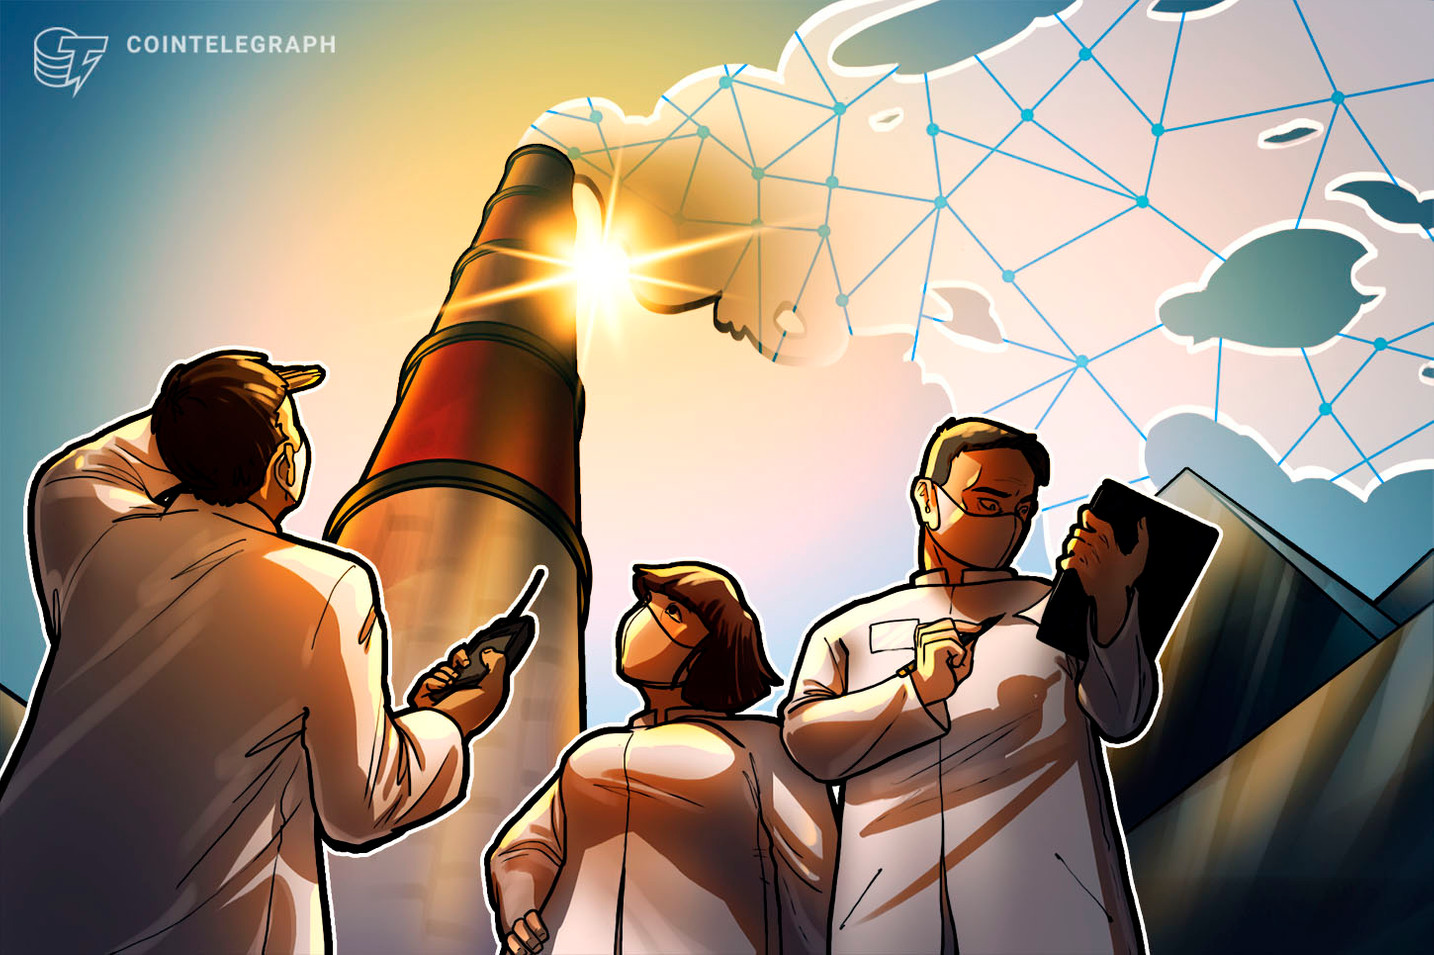 El Foro Económico Mundial evalúa el registro de las emisiones de carbono a través de la tecnología blockchain